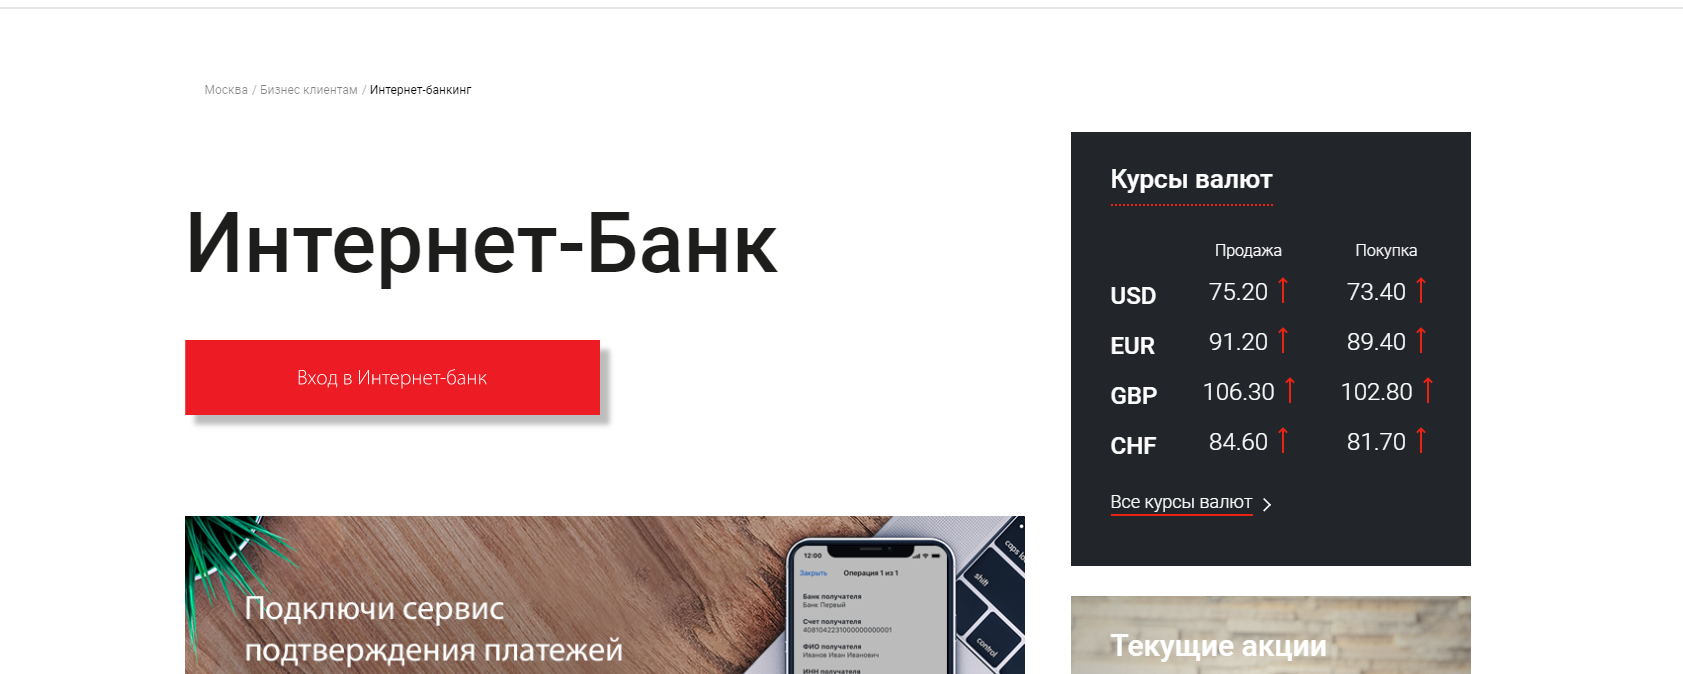 Дистанционное обслуживание с помощью Интернет-банк